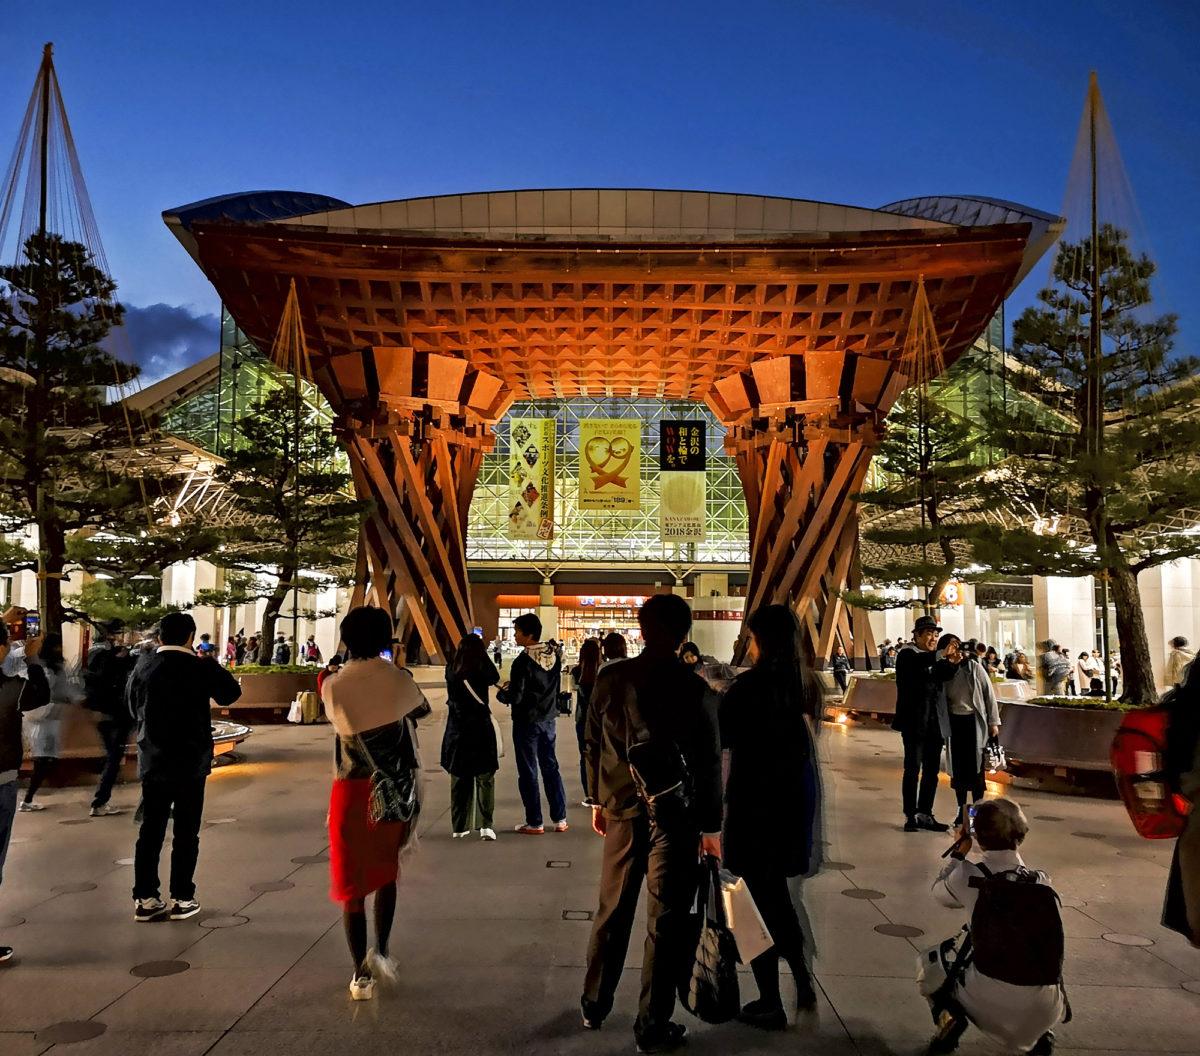 Kanazawan kaupunki sijaitsee rannikolla.